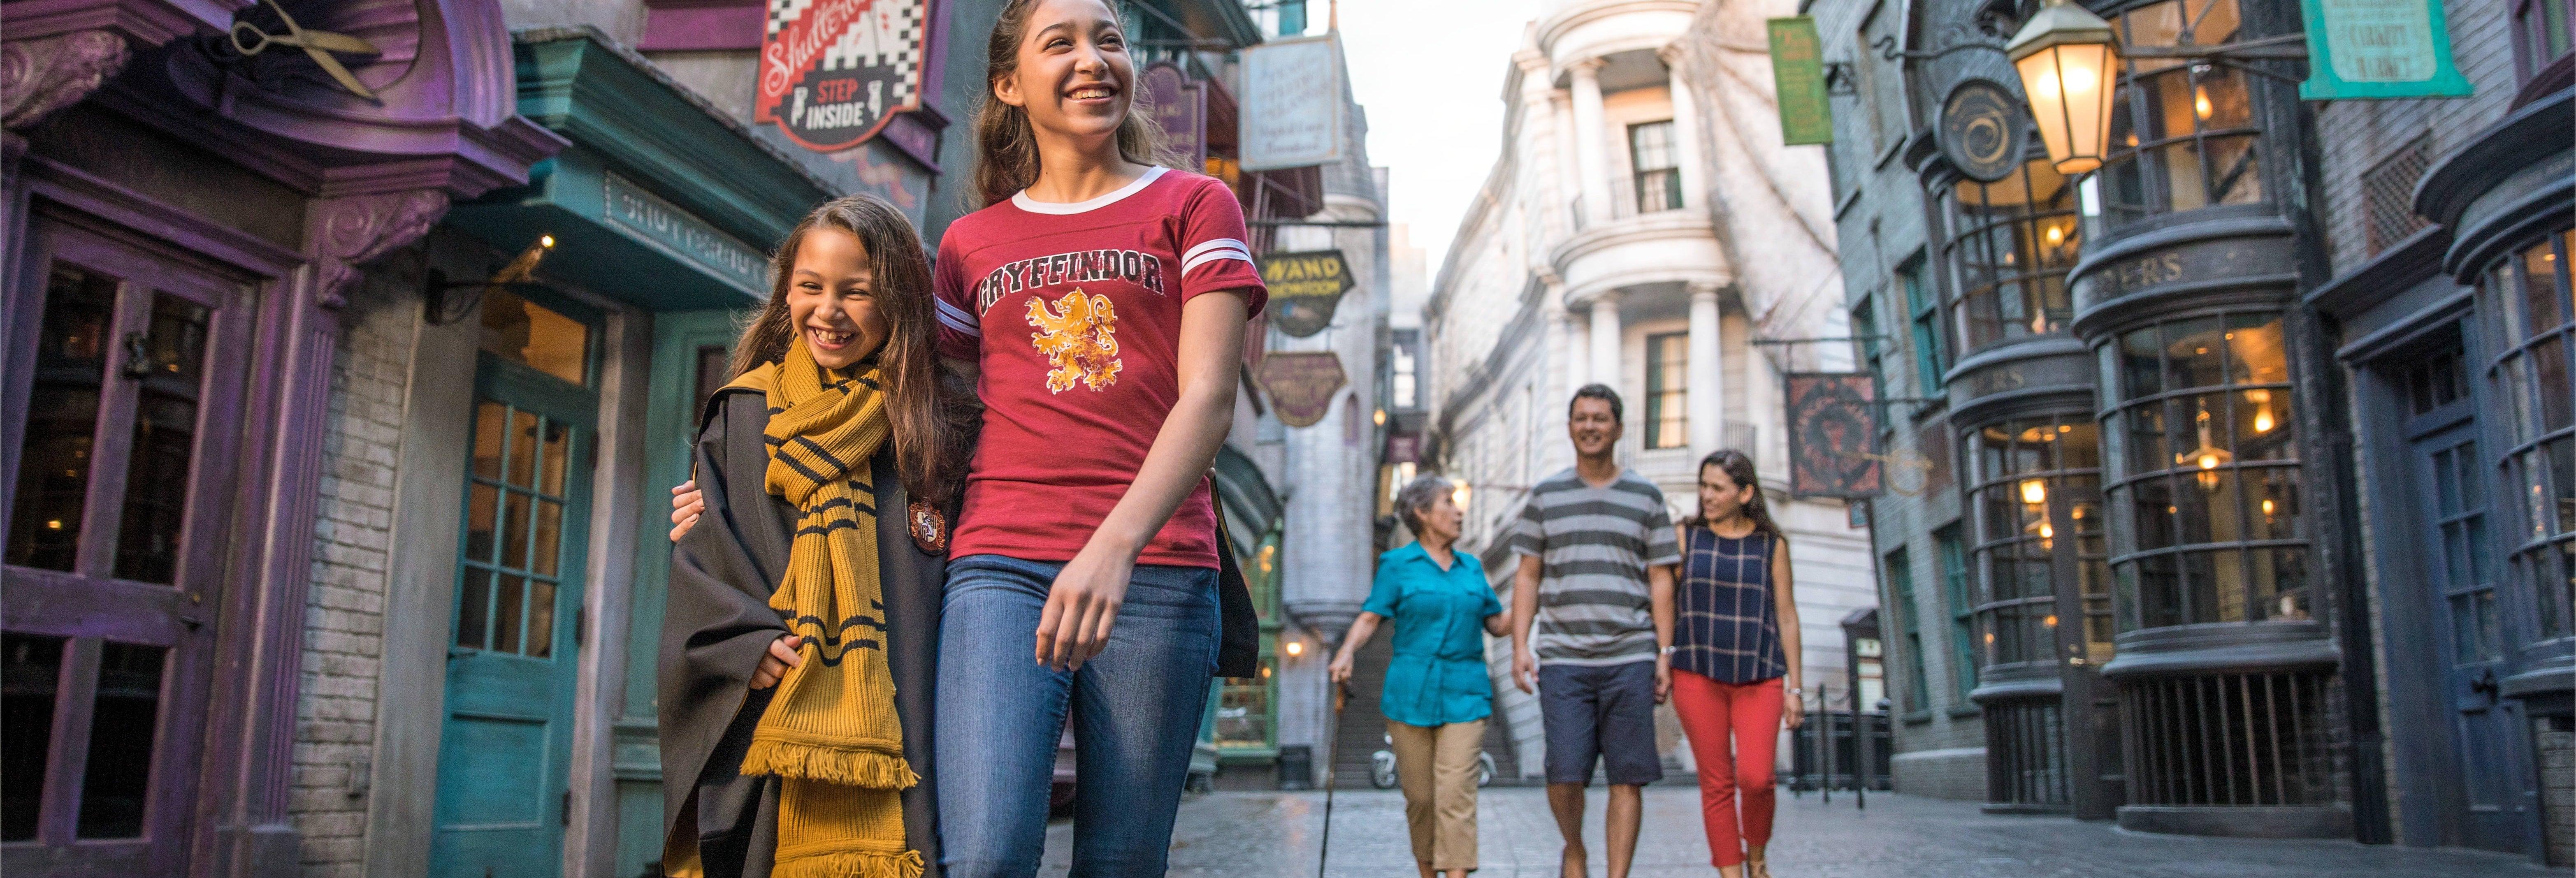 Excursión a Universal Studios Florida